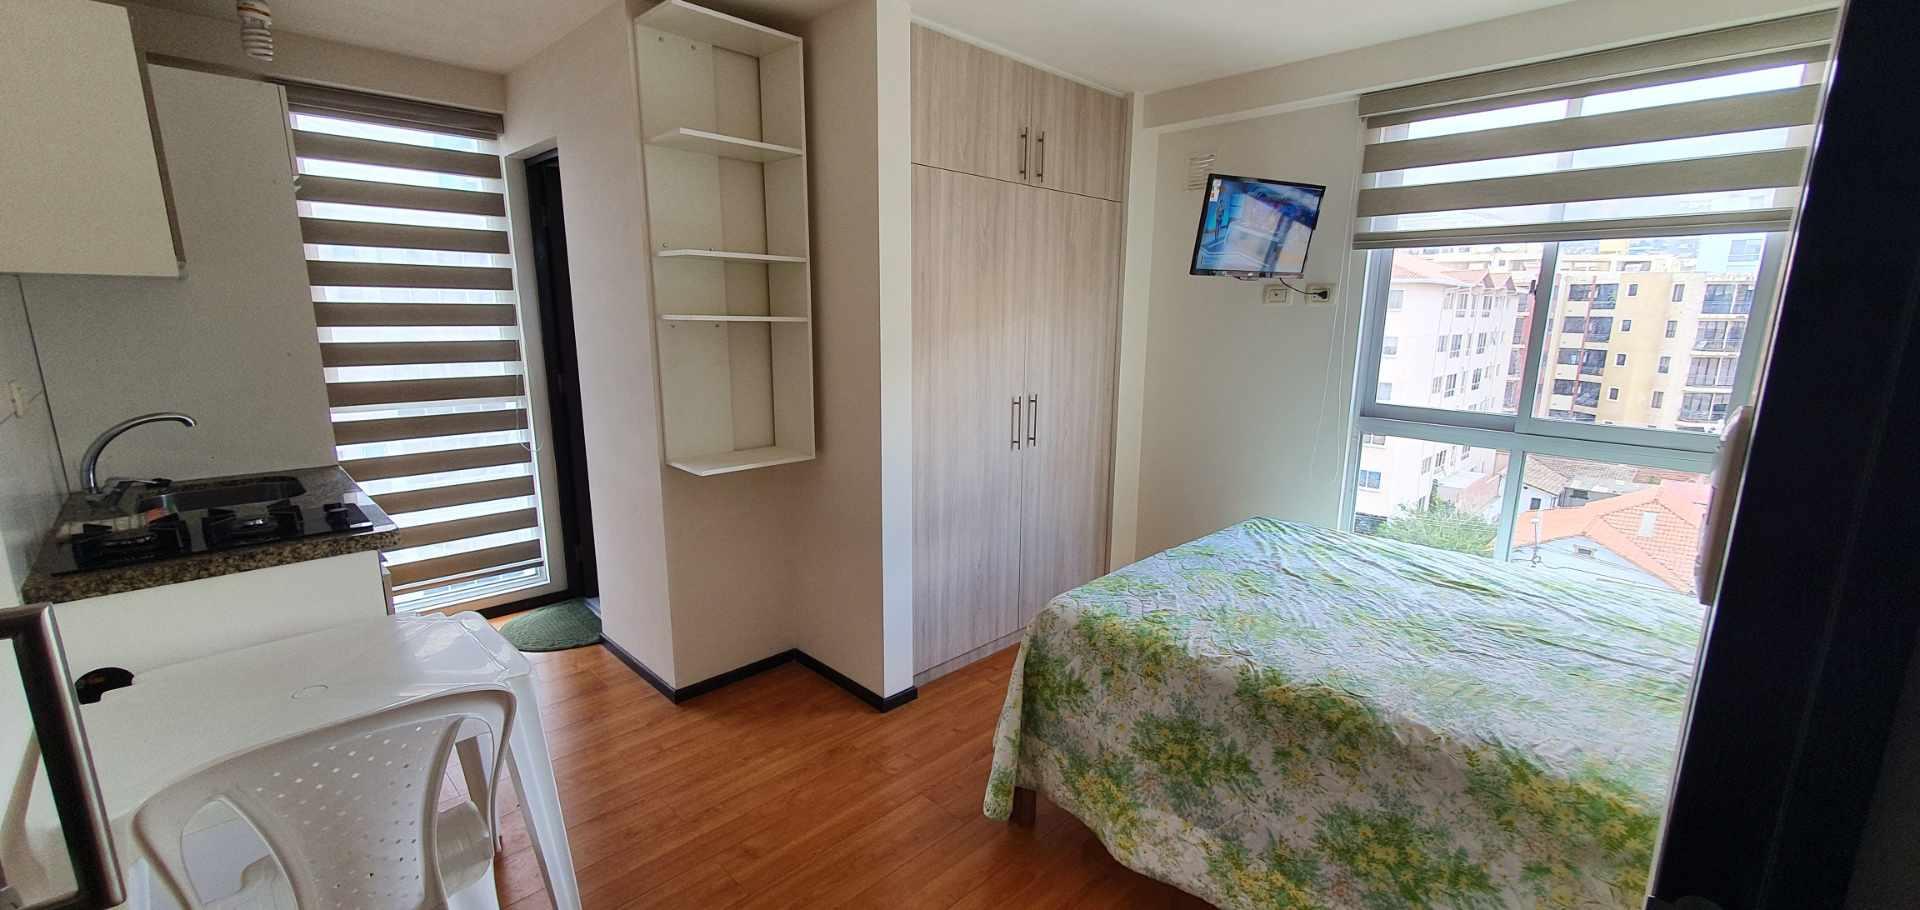 Departamento en Alquiler Beni esquina Tomas Frías Foto 1